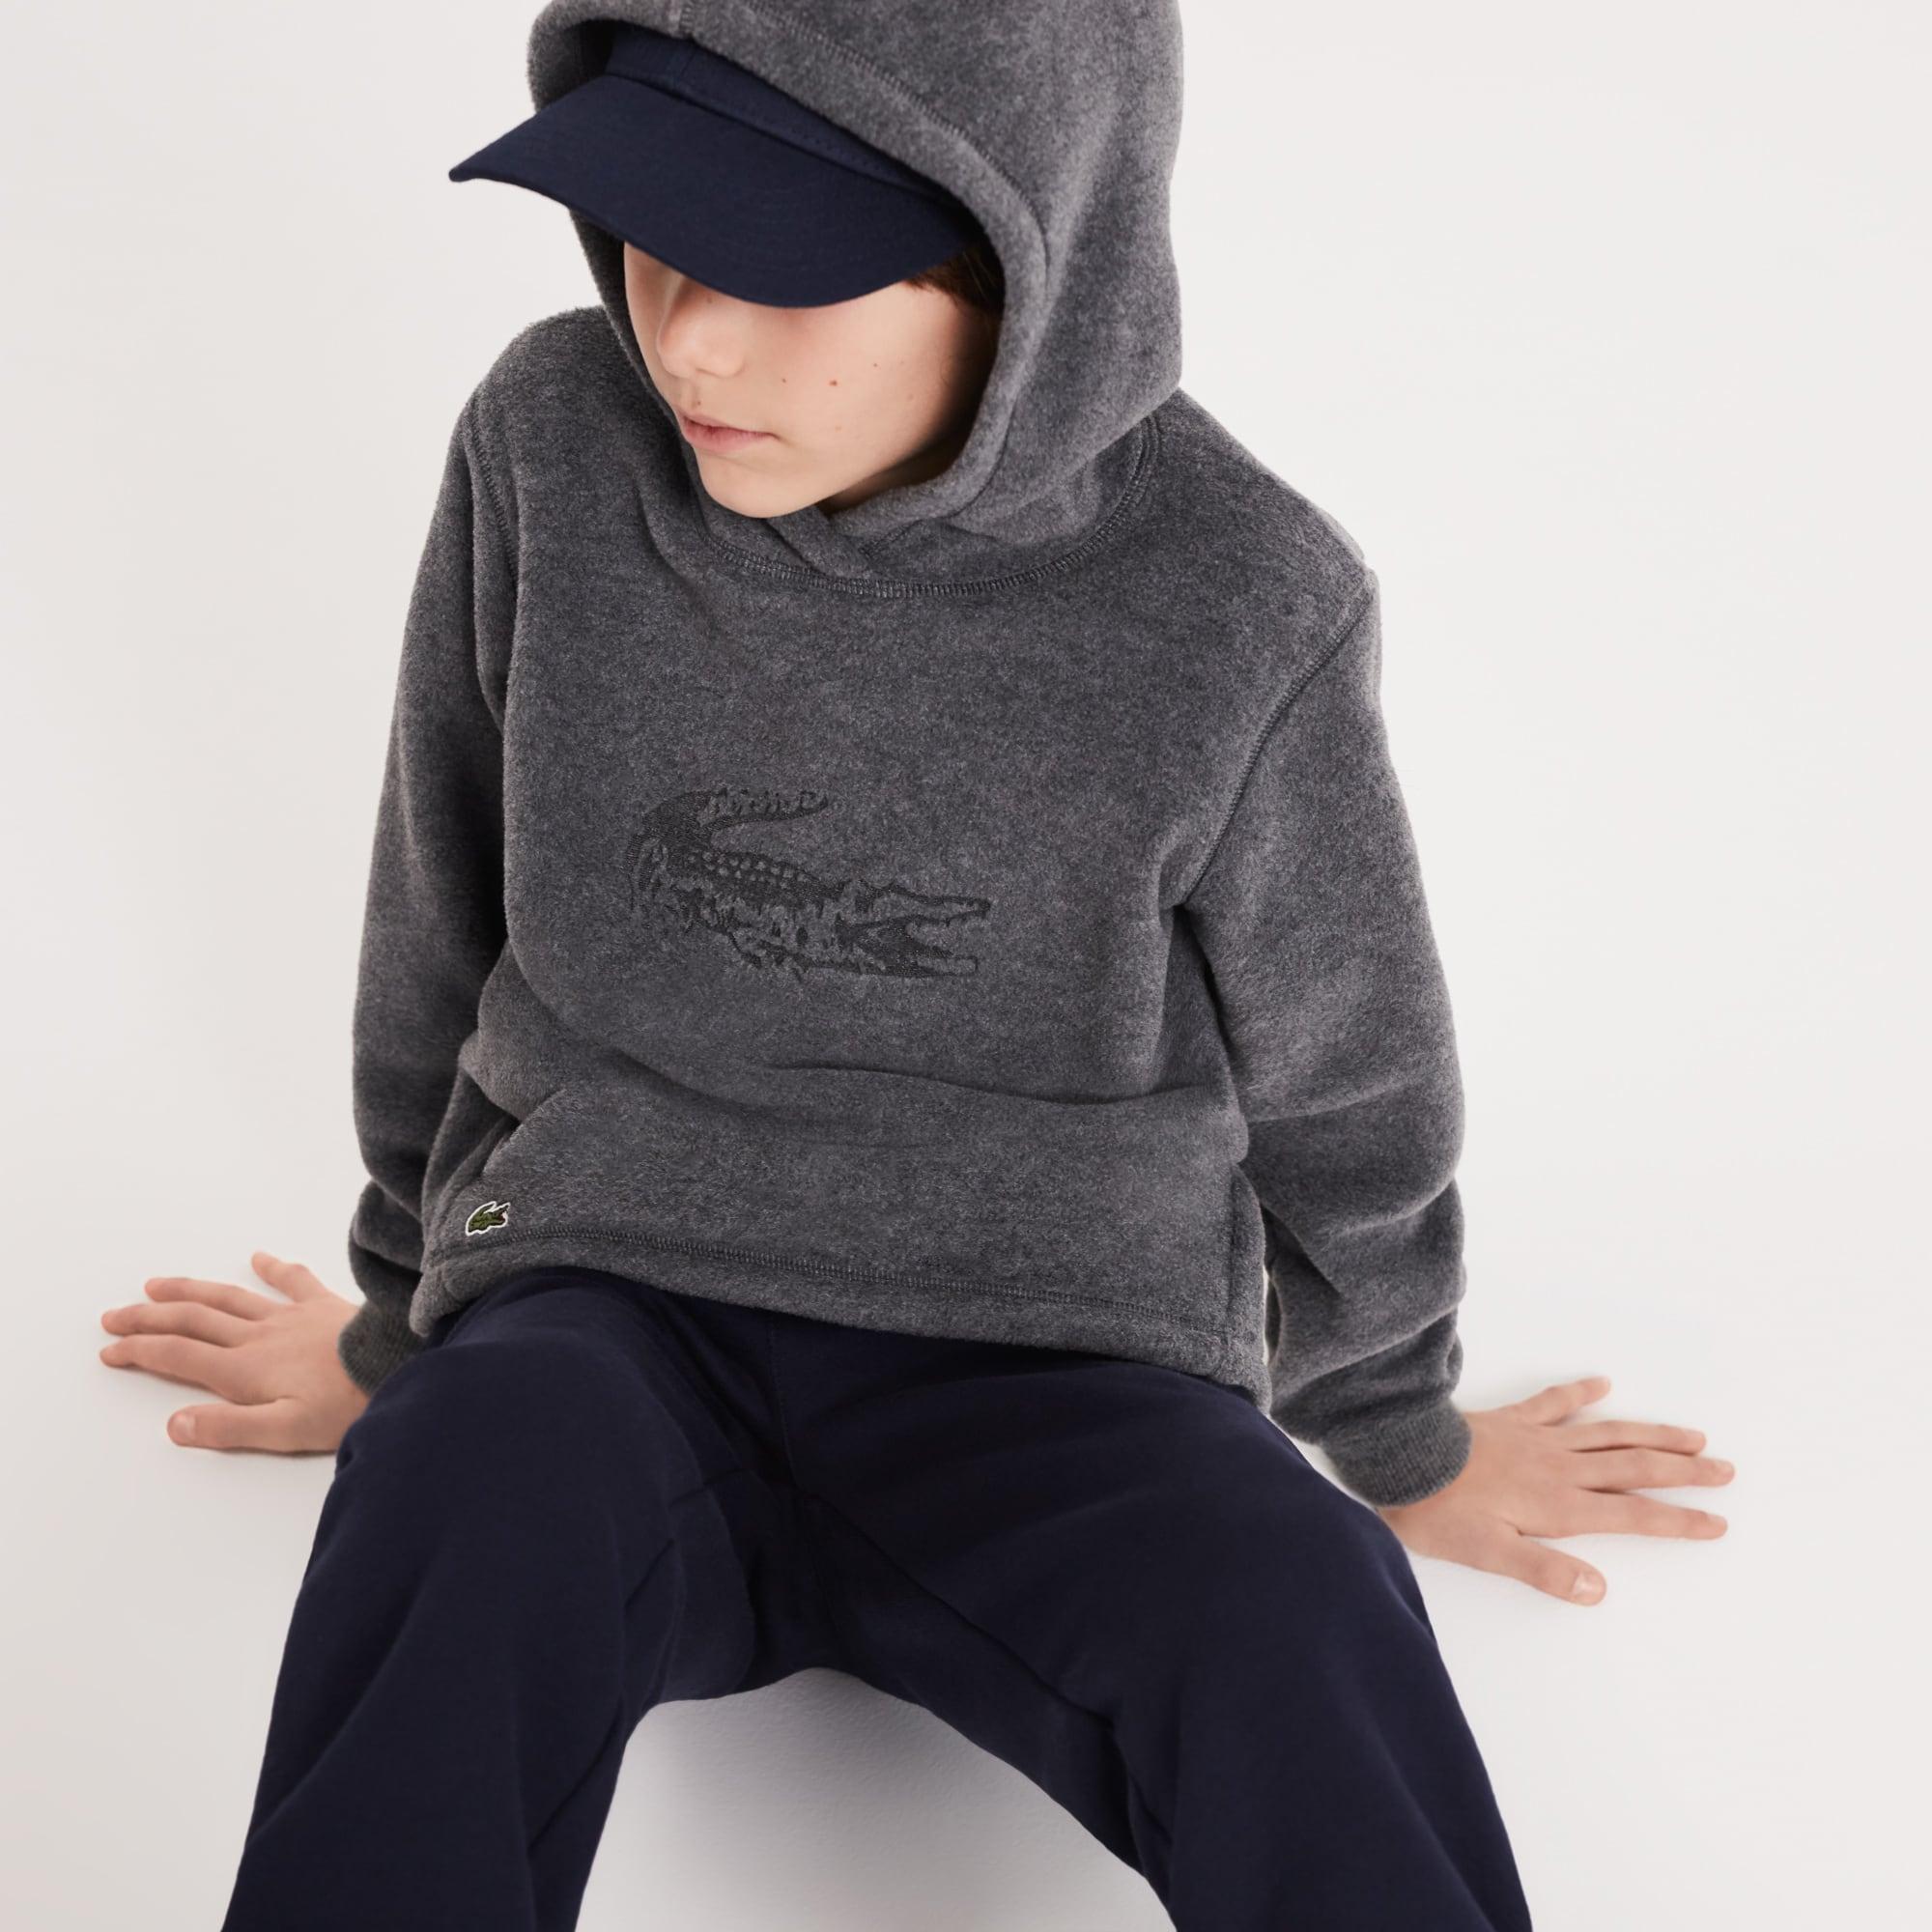 Sweatshirt à capuche Garçon en polaire avec crocodile oversize